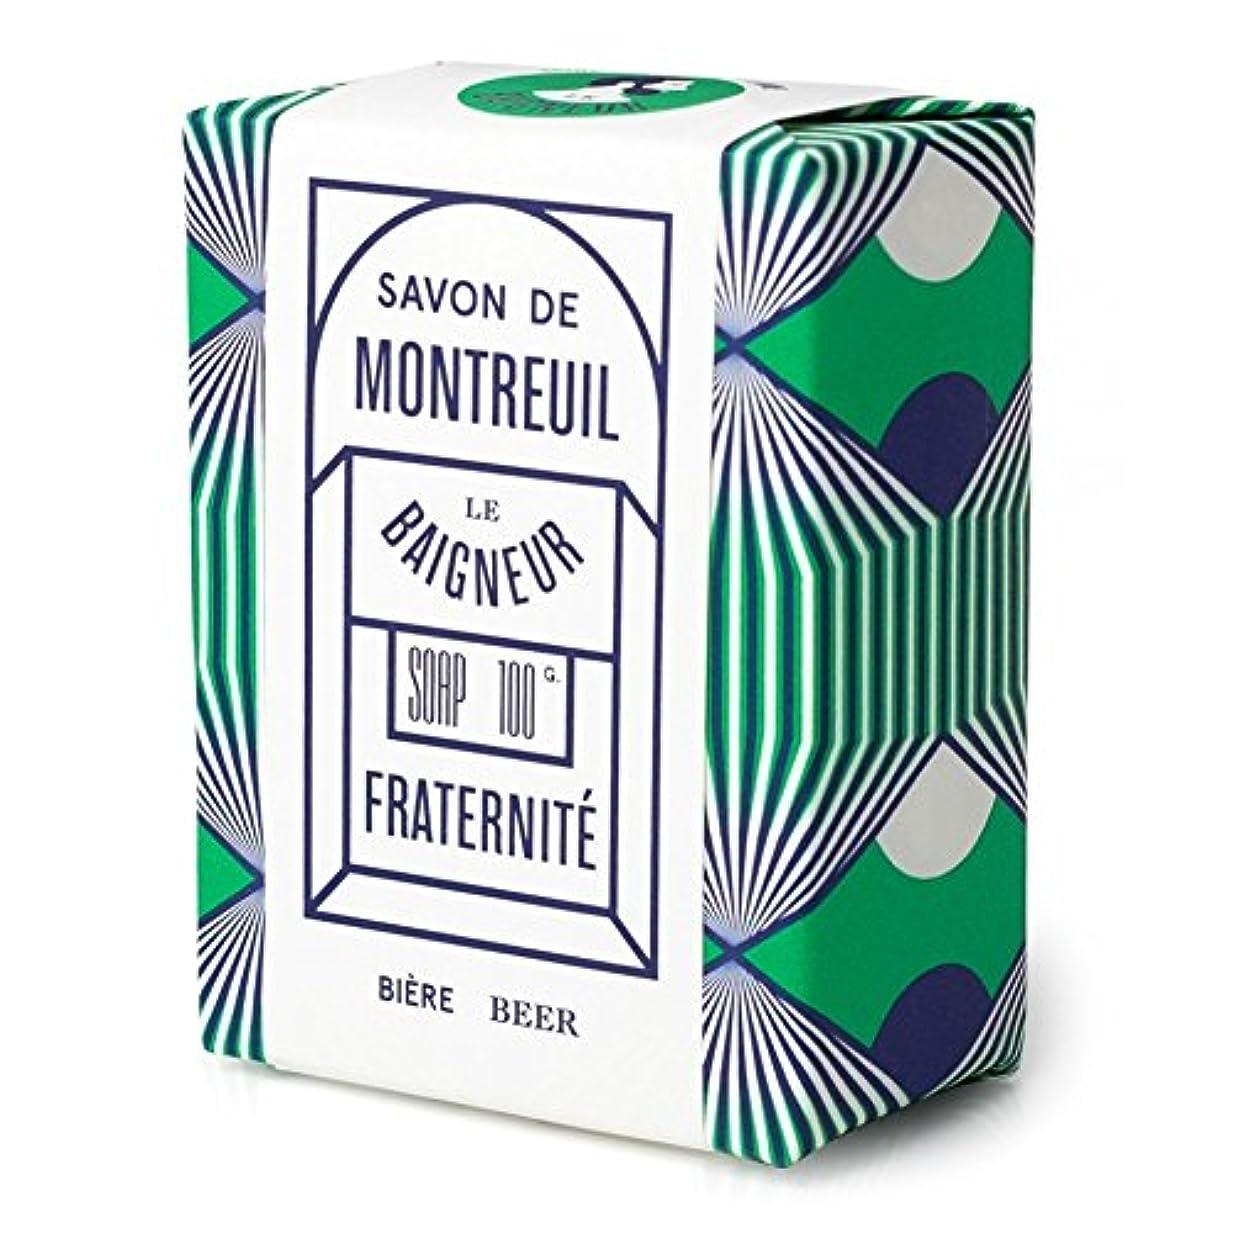 周術期ホストロッドル 石鹸100グラム x2 - Le Baigneur Fraternite Soap 100g (Pack of 2) [並行輸入品]